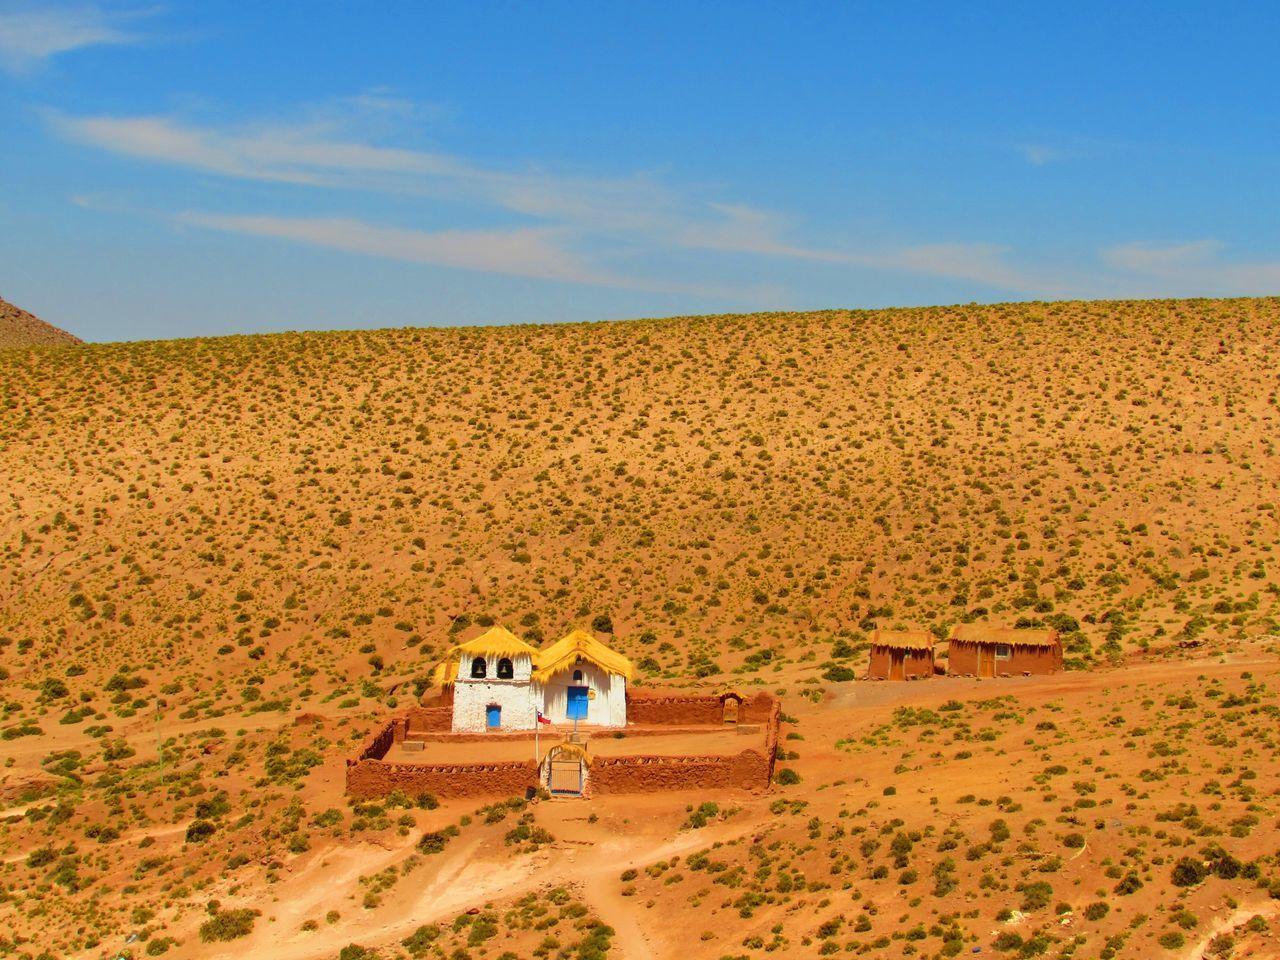 Built Structure On Barren Landscape